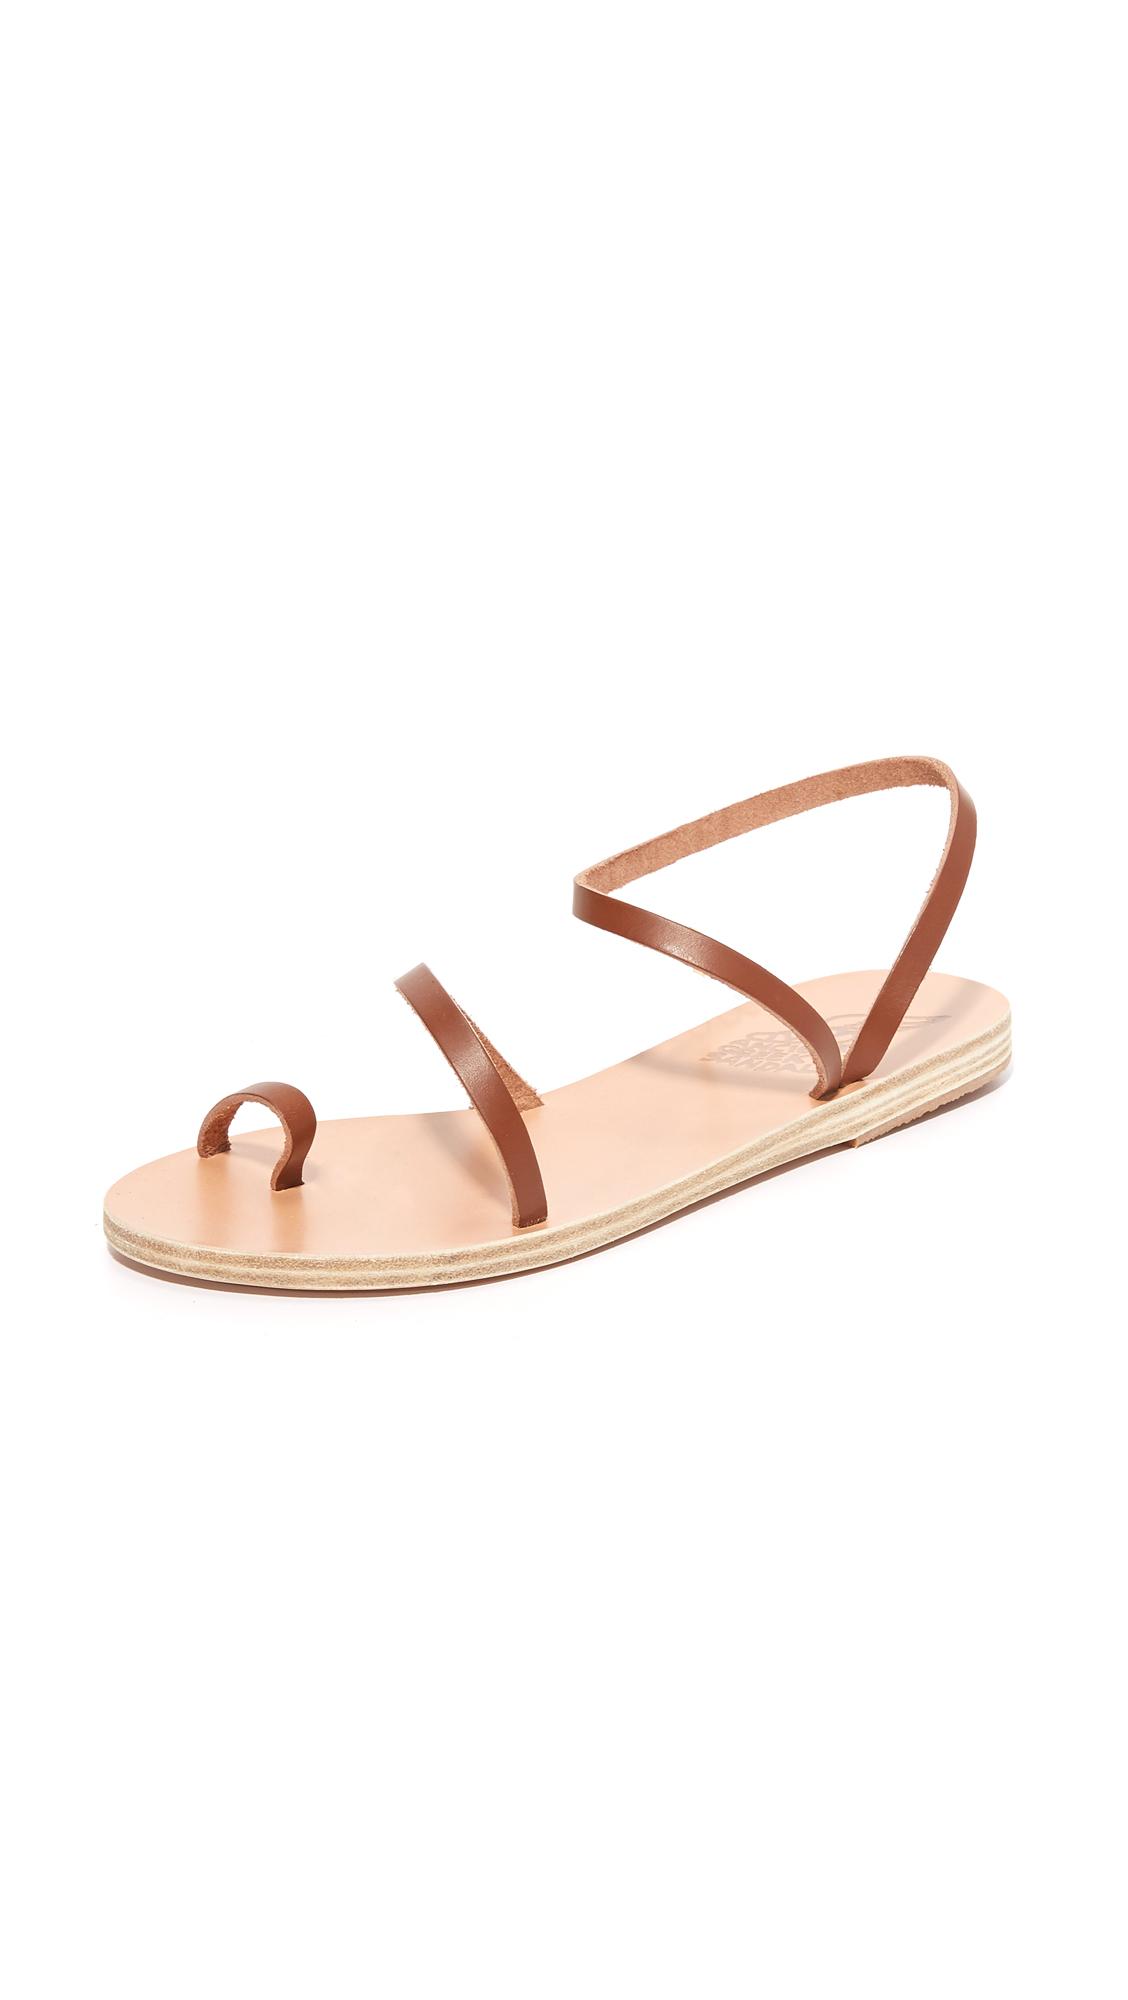 Ancient Greek Sandals Alpli Eleftheria Sandals - Cotto at Shopbop